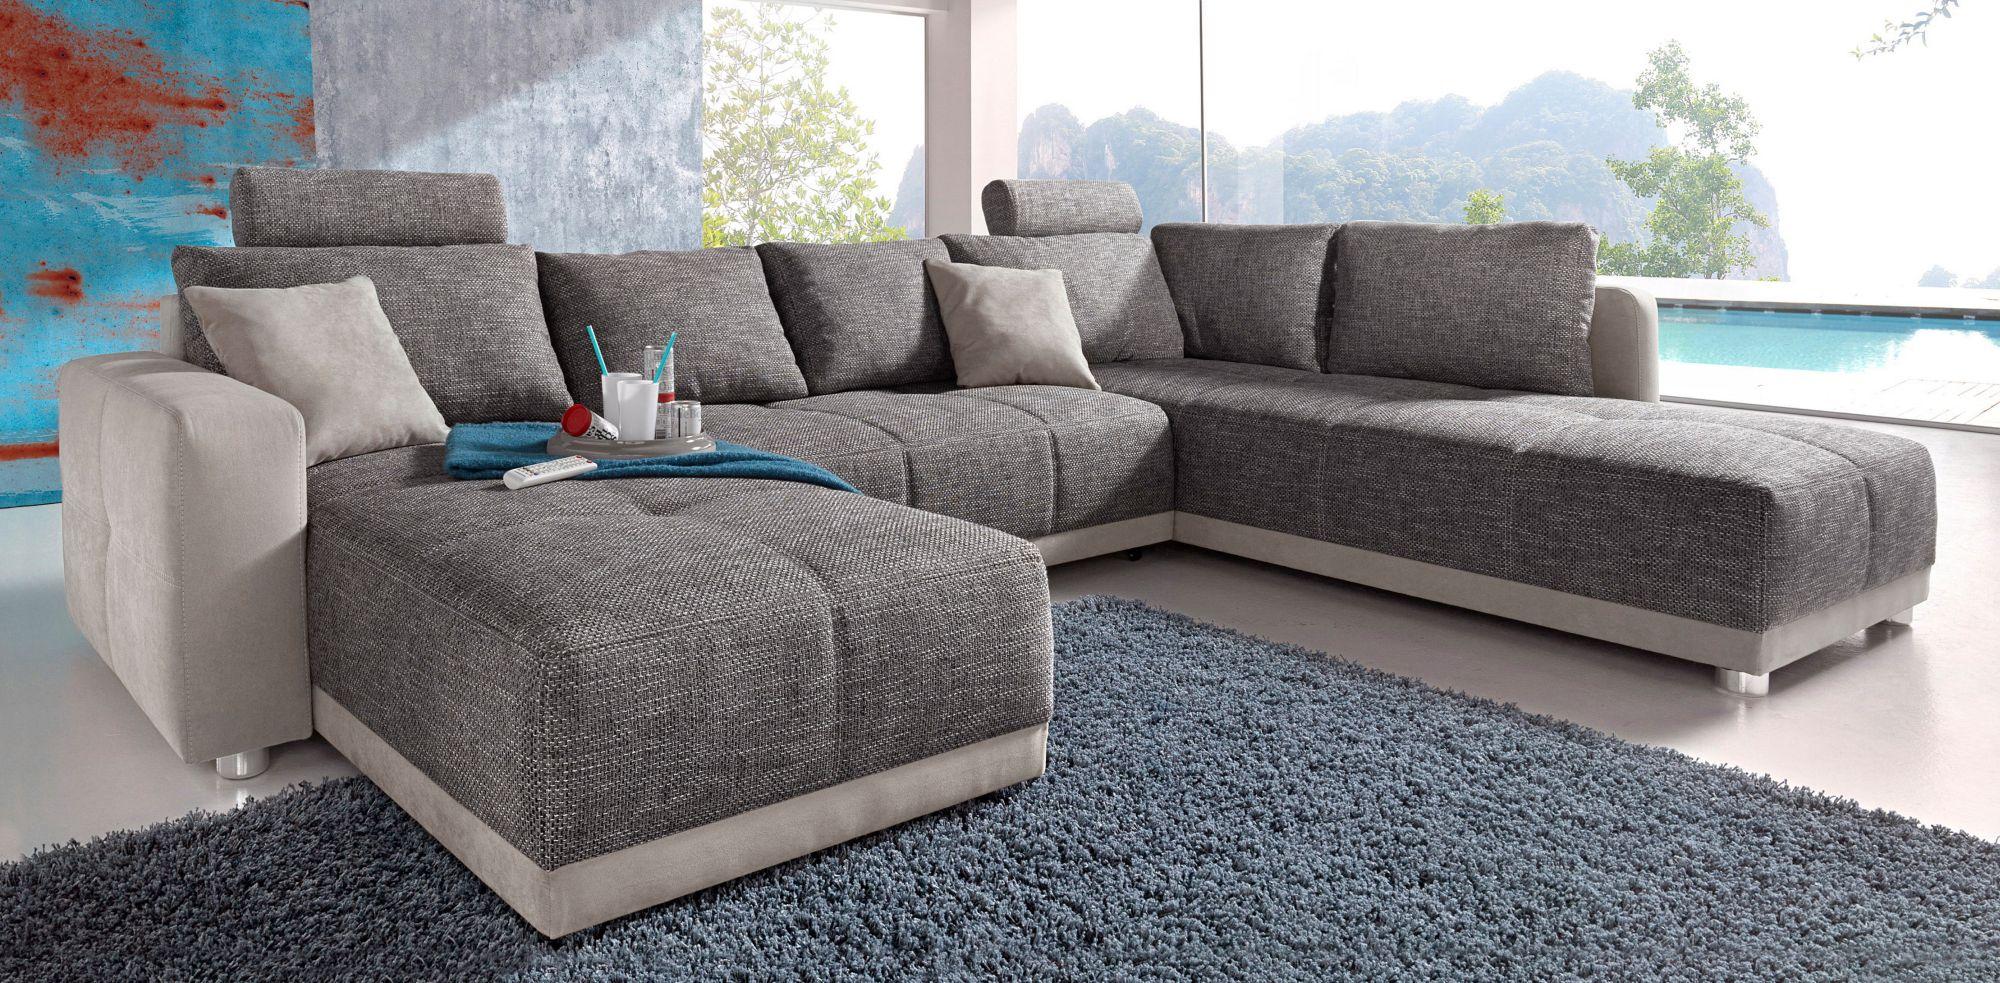 wohnlandschaft g nstig online kaufen beim schwab versand. Black Bedroom Furniture Sets. Home Design Ideas